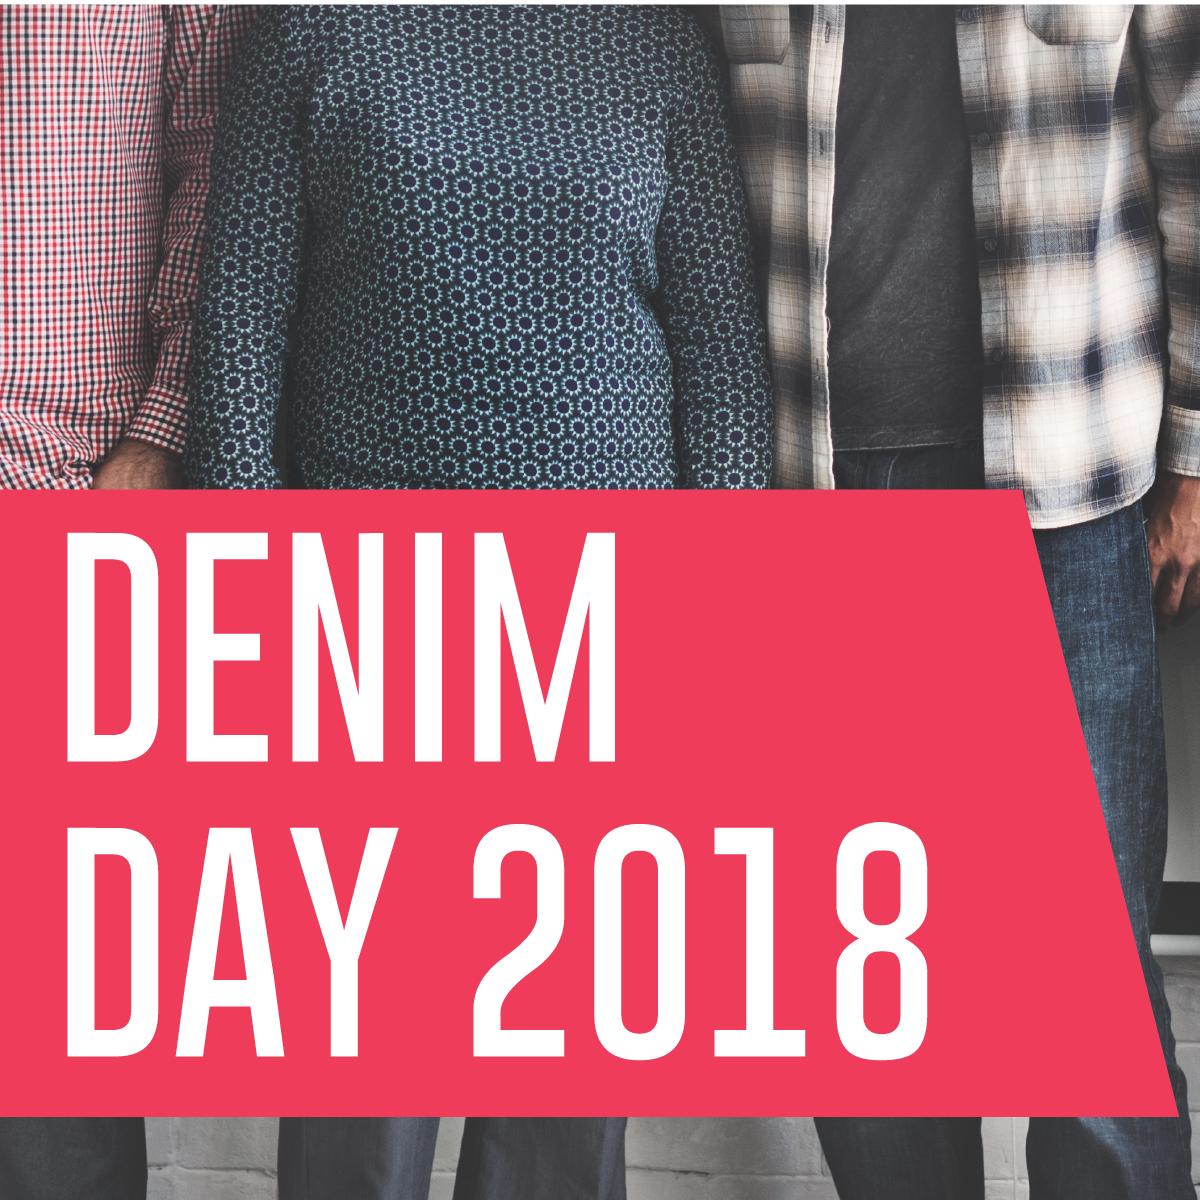 Denim Day 2018